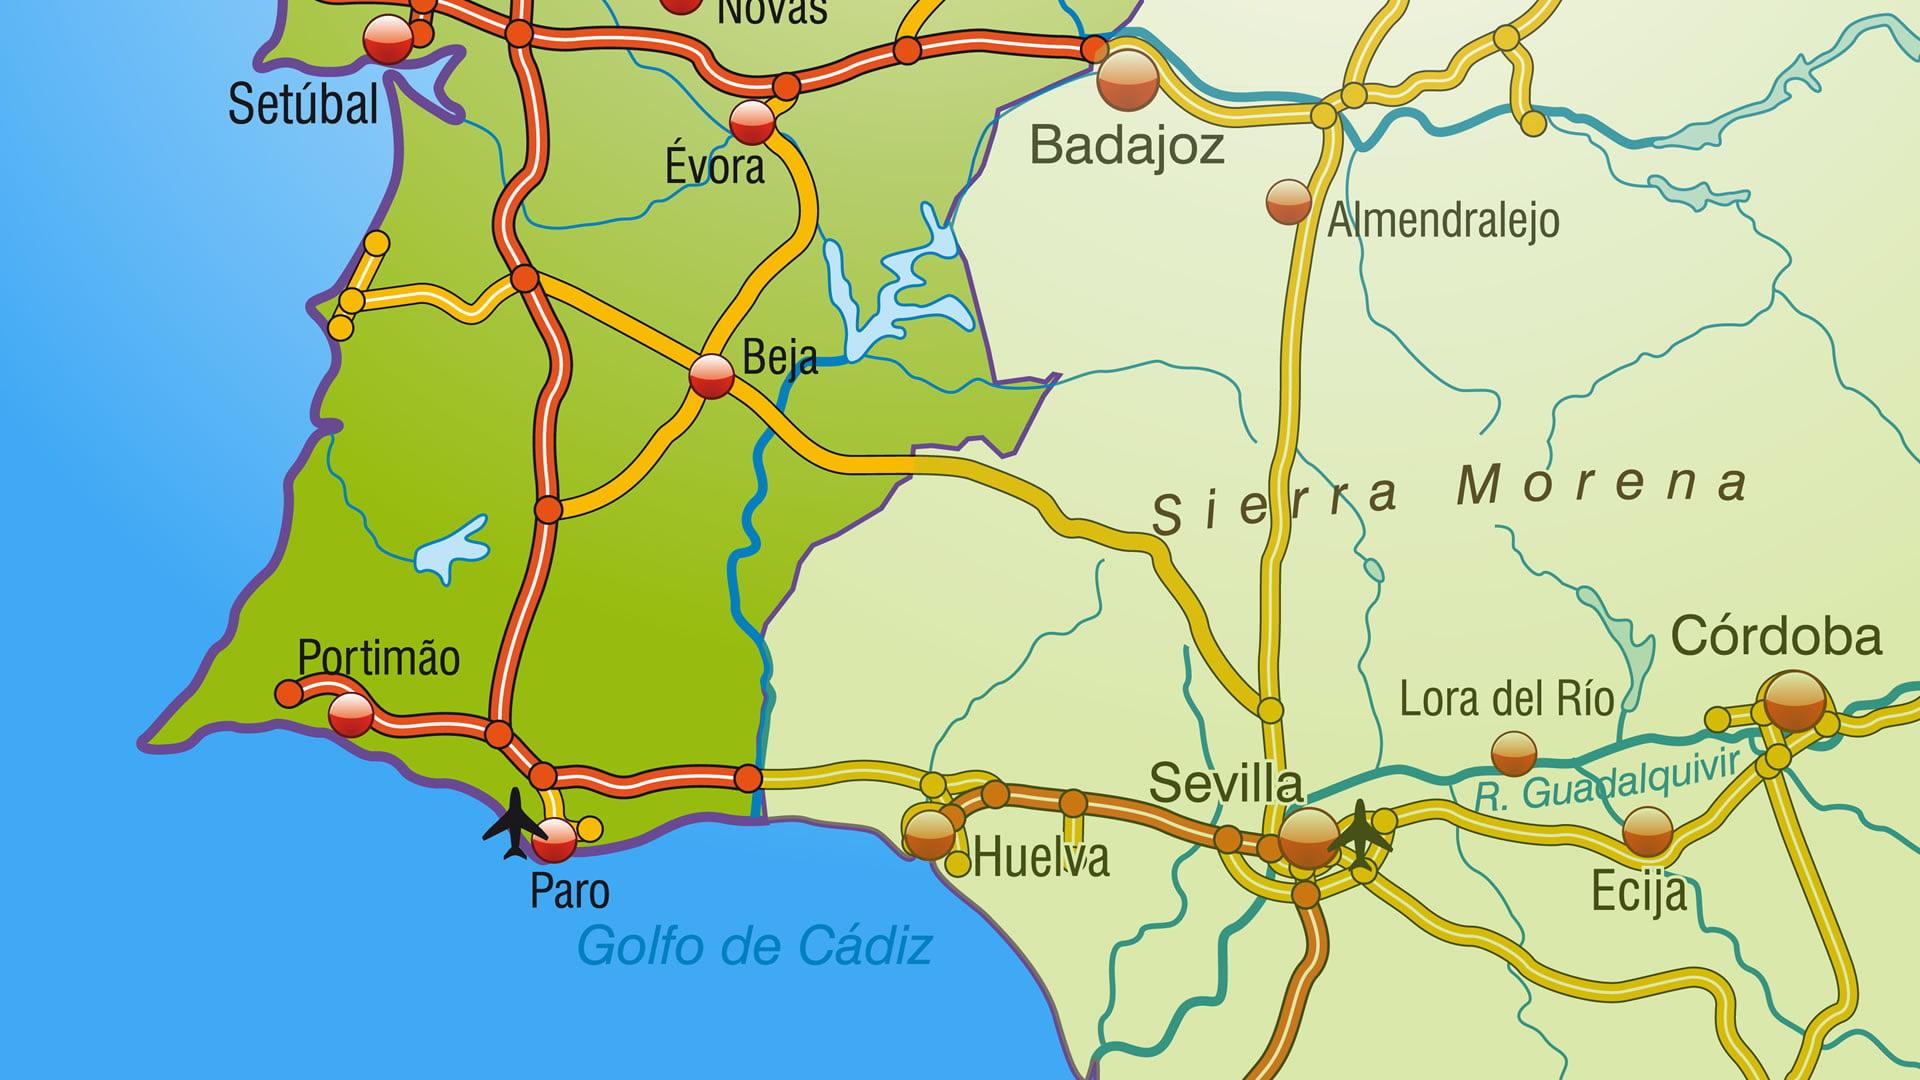 Guía de turismo en el Algarve